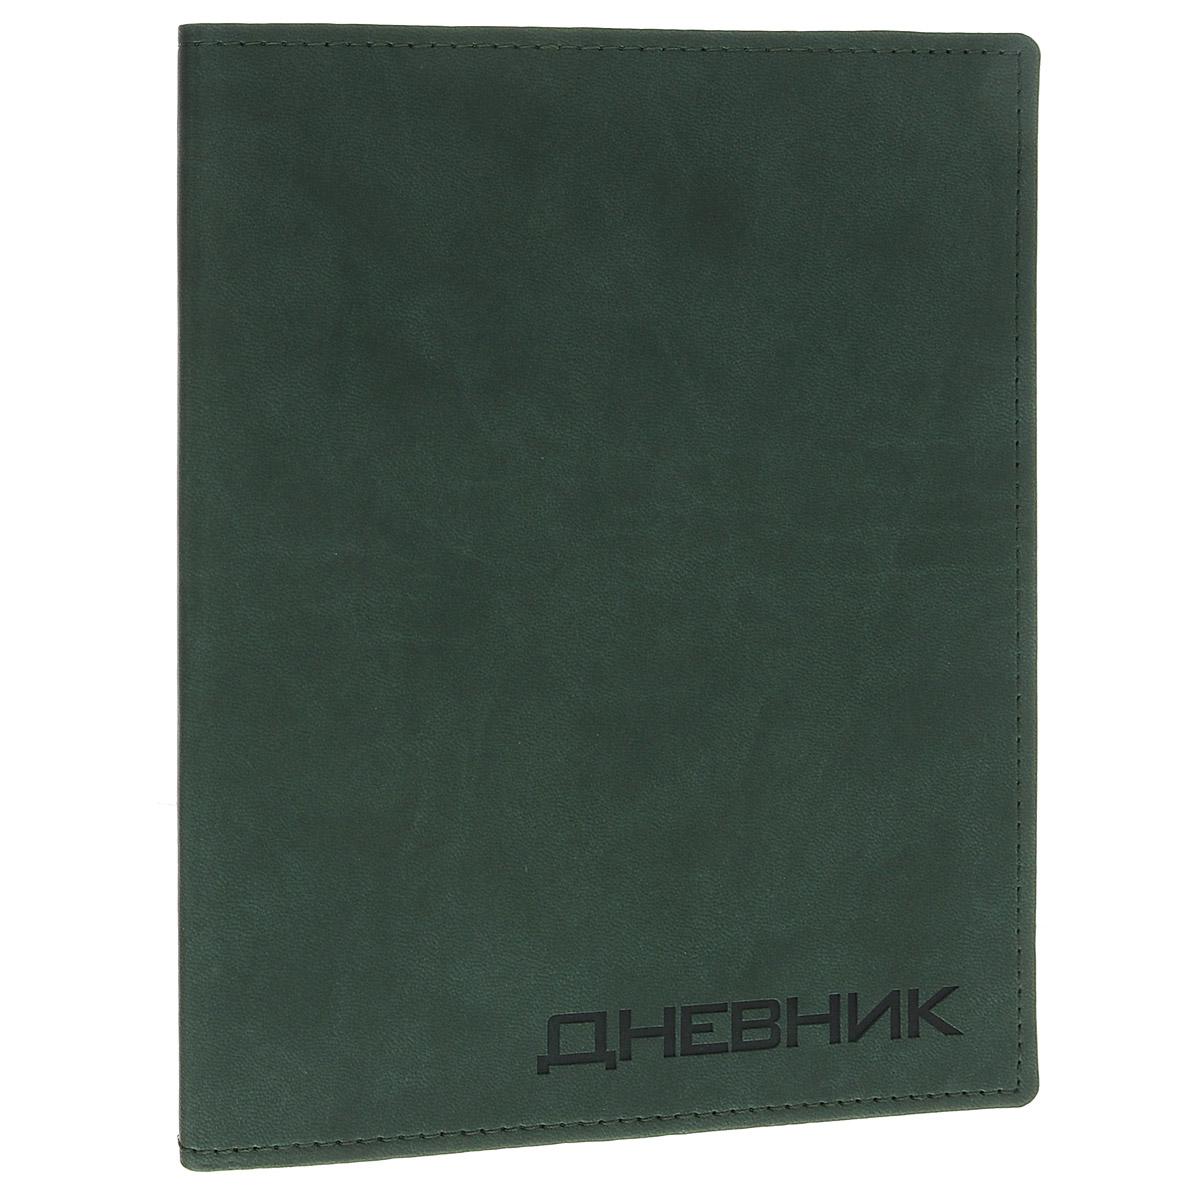 Дневник школьный Триумф Вивелла, цвет: зеленый1300-37Школьный дневник Триумф Вивелла - первый ежедневник вашего ребенка. Он поможет ему не забыть свои задания, а вы всегда сможете проконтролировать его успеваемость.Гибкая, высокопрочная интегральная обложка с закругленными углами прошита по периметру. Надпись нанесена путем вдавленного термотиснения и темнее основного цвета обложки, крепление сшитое. На разворотах под обложкой дневник дополнен политической и физической картой России. Внутренний блок выполнен из качественной бумаги кремового цвета с четкой линовкой темно-серого цвета. В структуру дневника входят все необходимые разделы: информация о школе и педагогах, расписание занятий и факультативов по четвертям. На последней странице для итоговых оценок незаполненные графы изучаемых предметов.